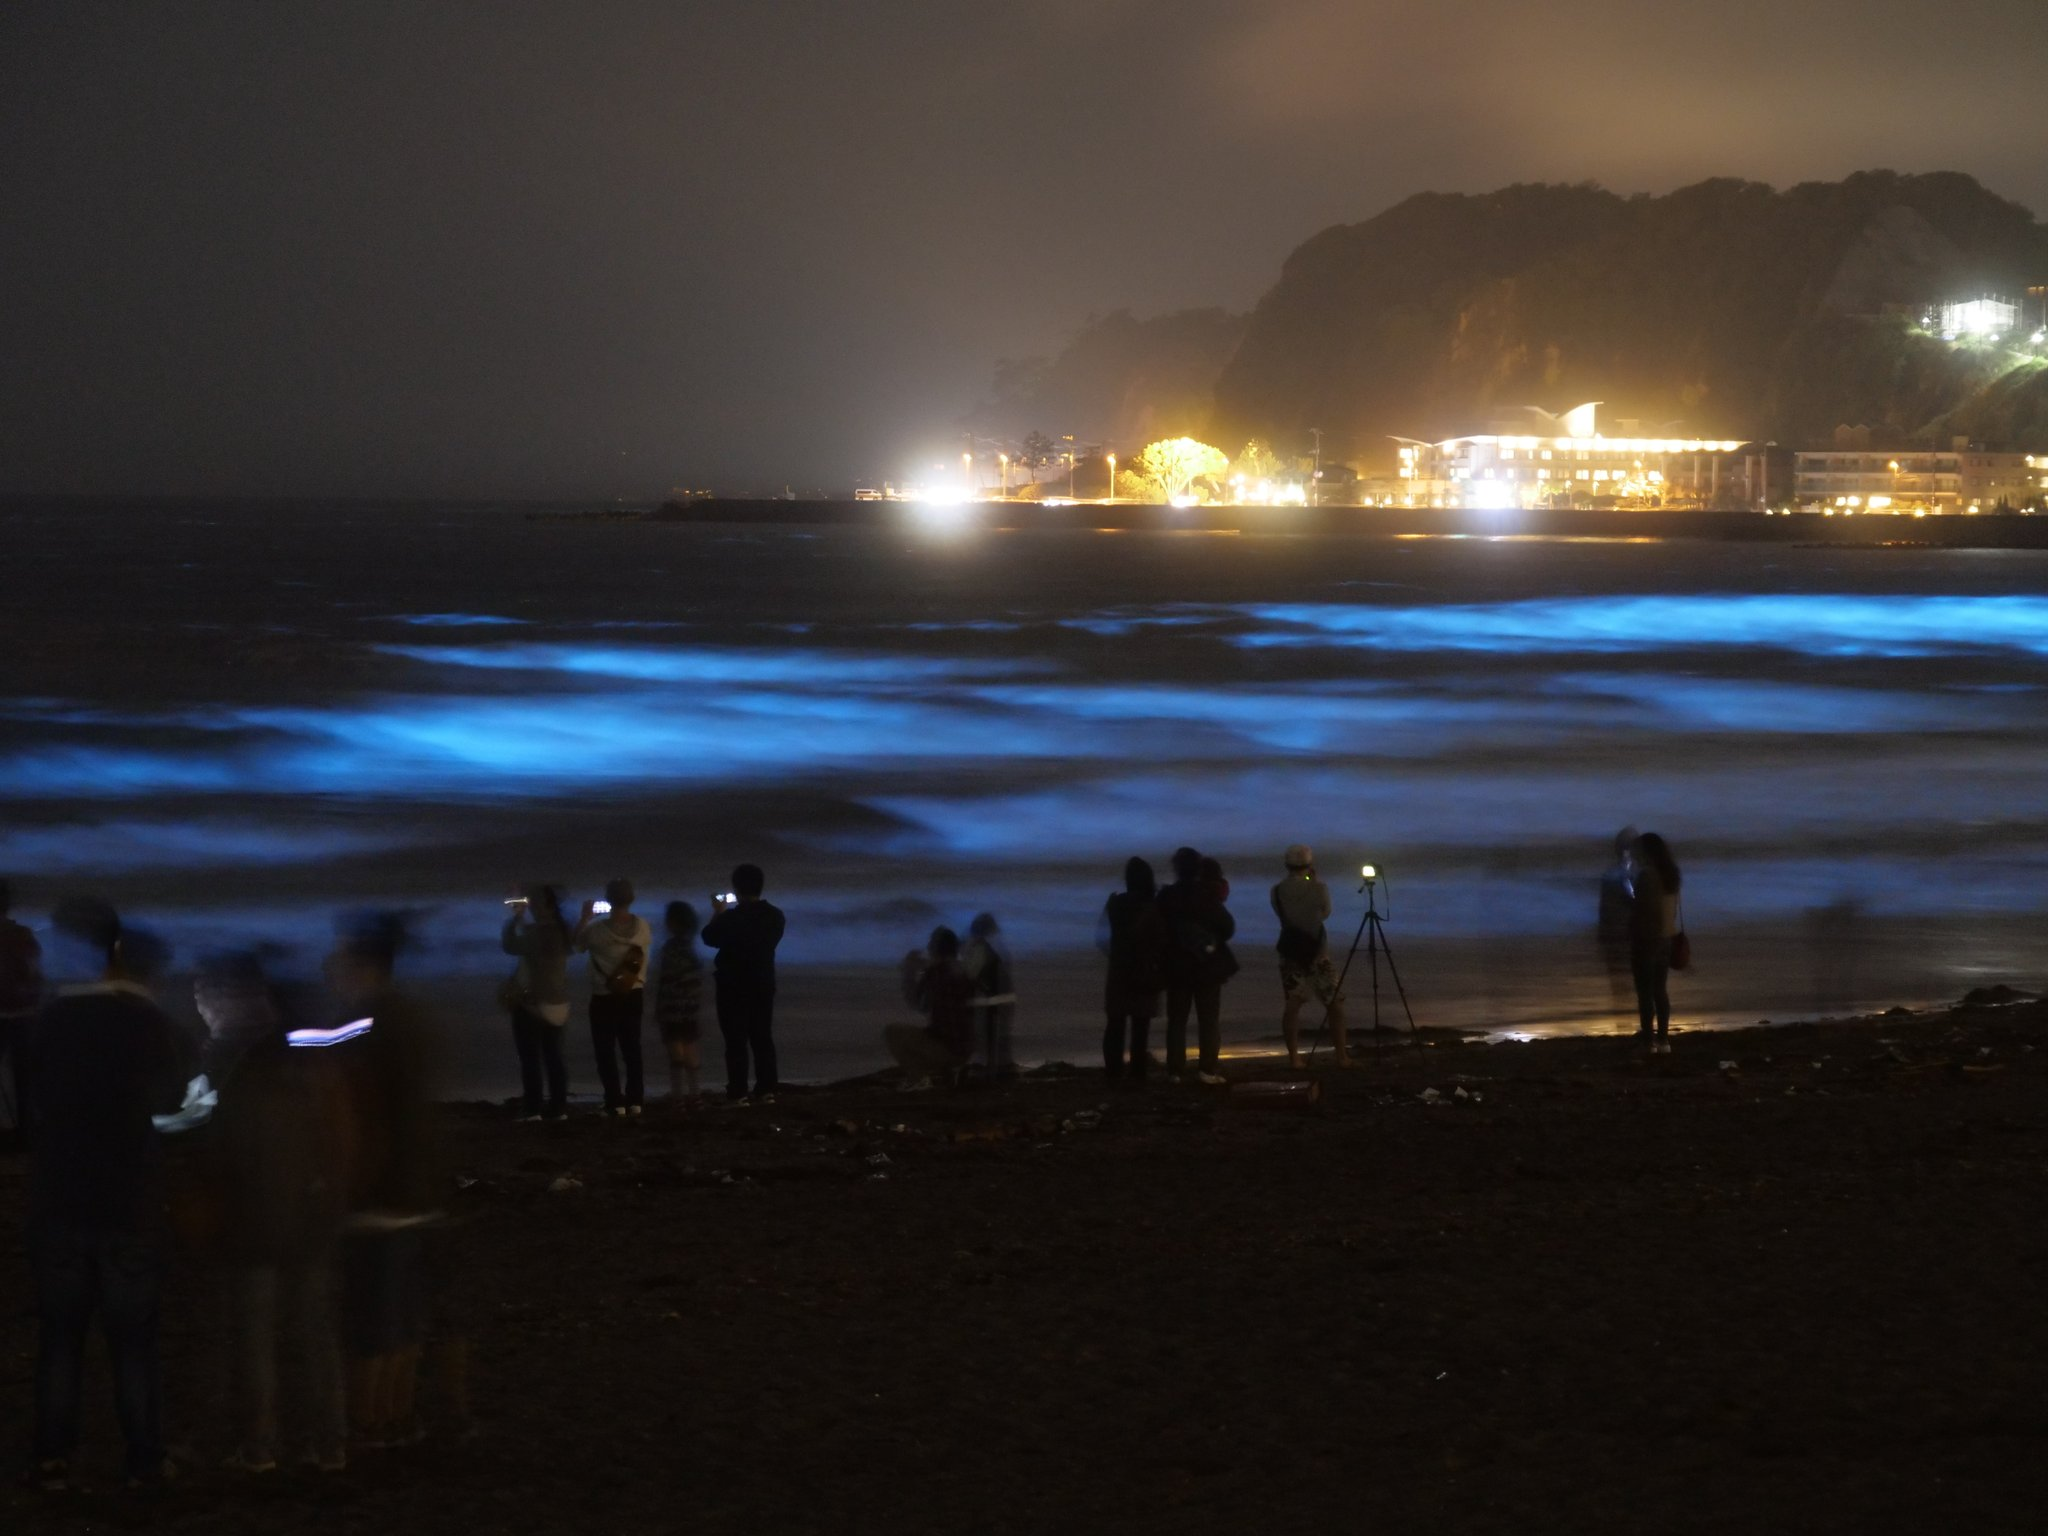 まだまだ見られるよ、鎌倉・由比ヶ浜の夜光虫。<br>ツイートの反響の多さに驚いております(^o^;